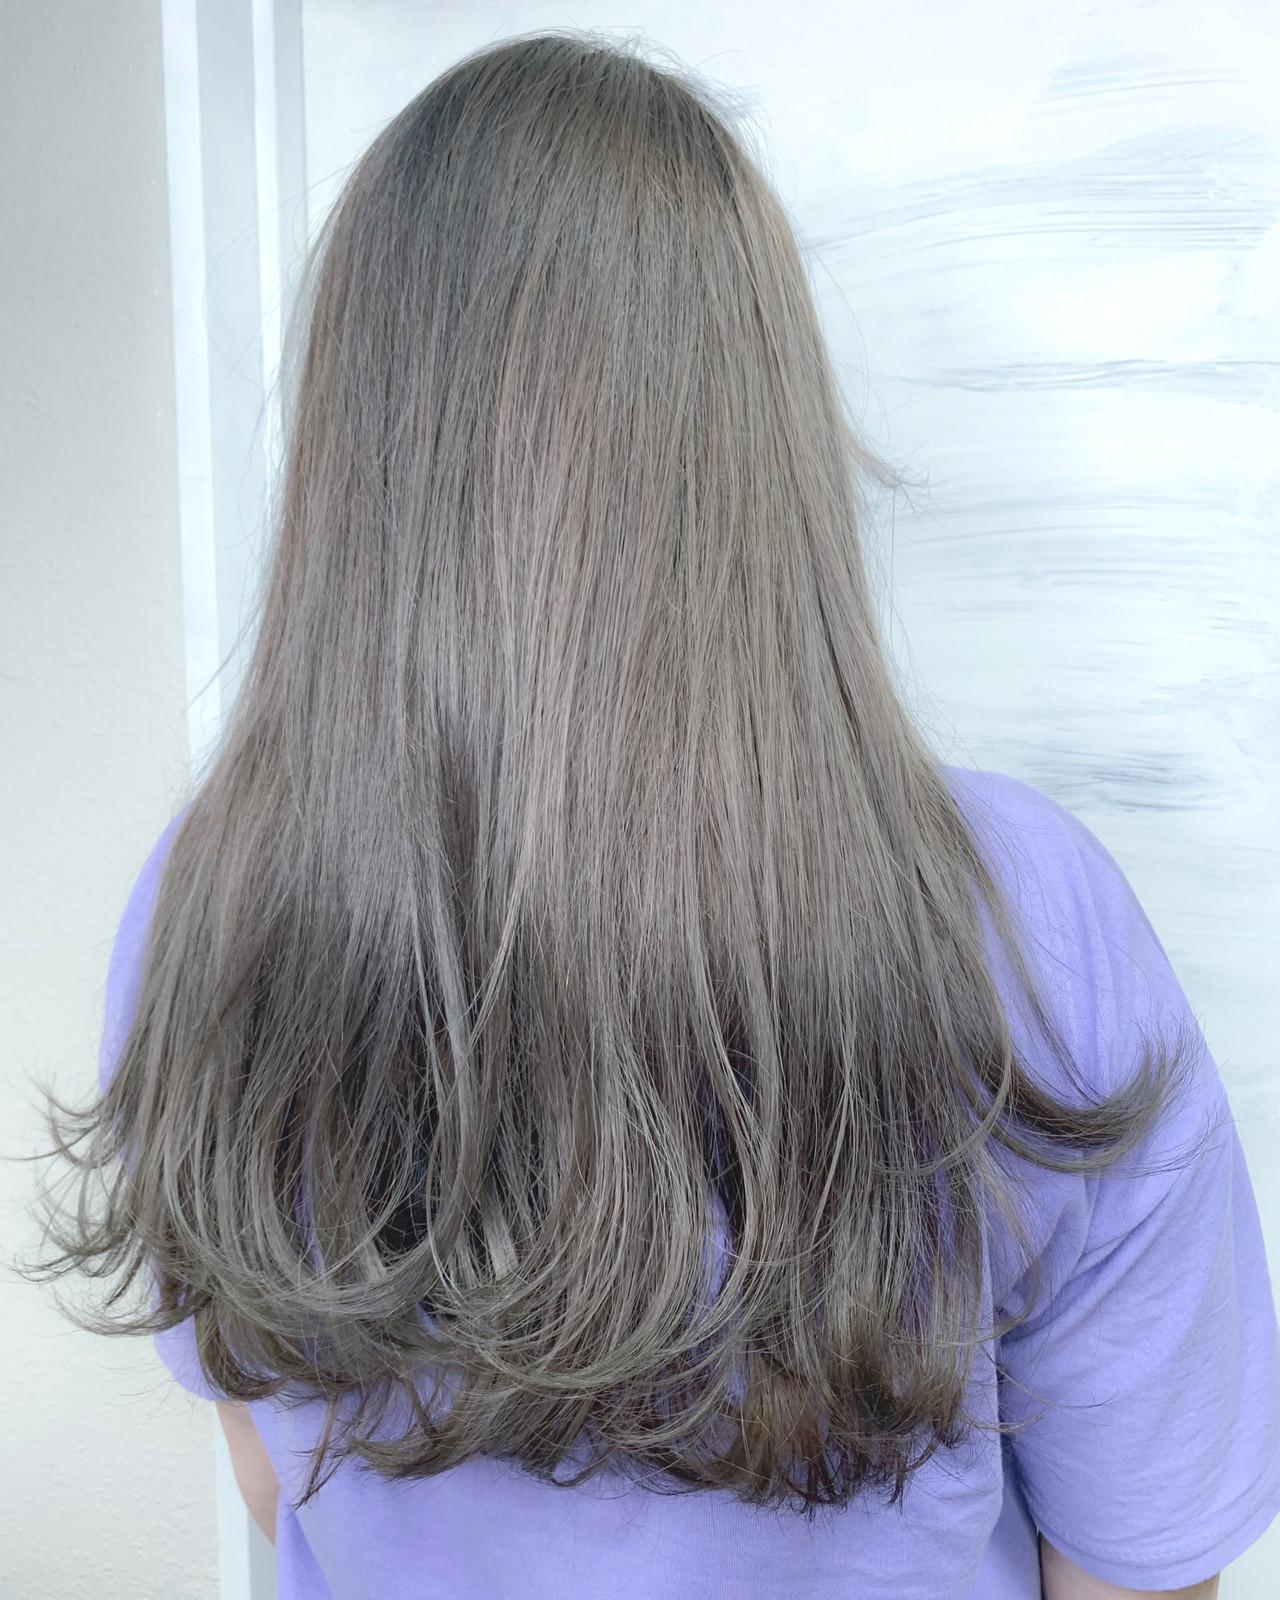 ハイライト エレガント ラベンダーアッシュ ロング ヘアスタイルや髪型の写真・画像